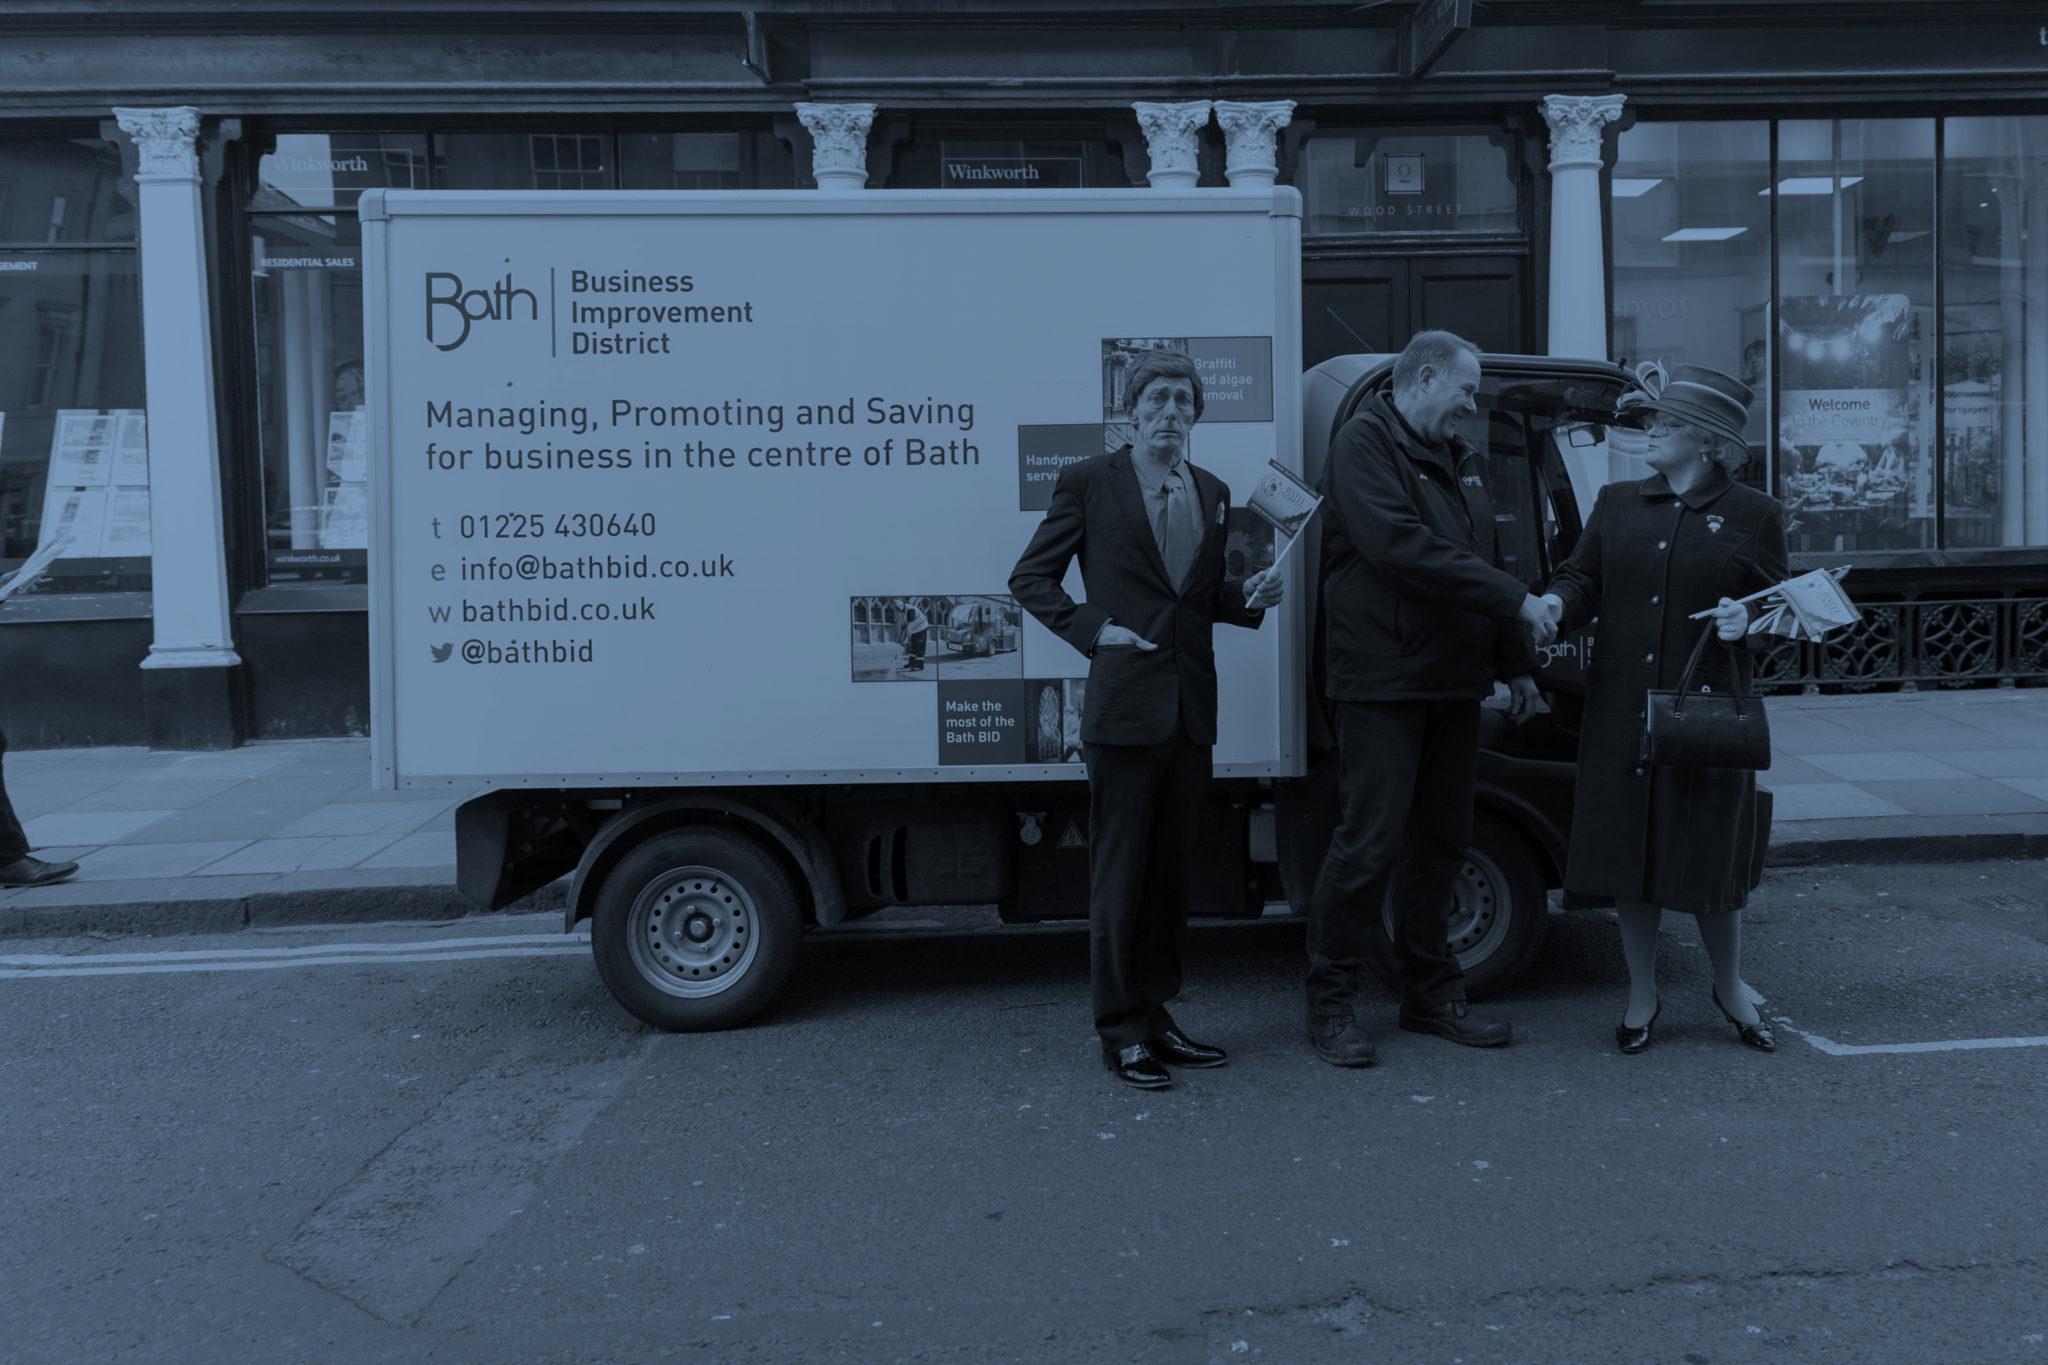 Ranger Services - Bath Business Improvement District